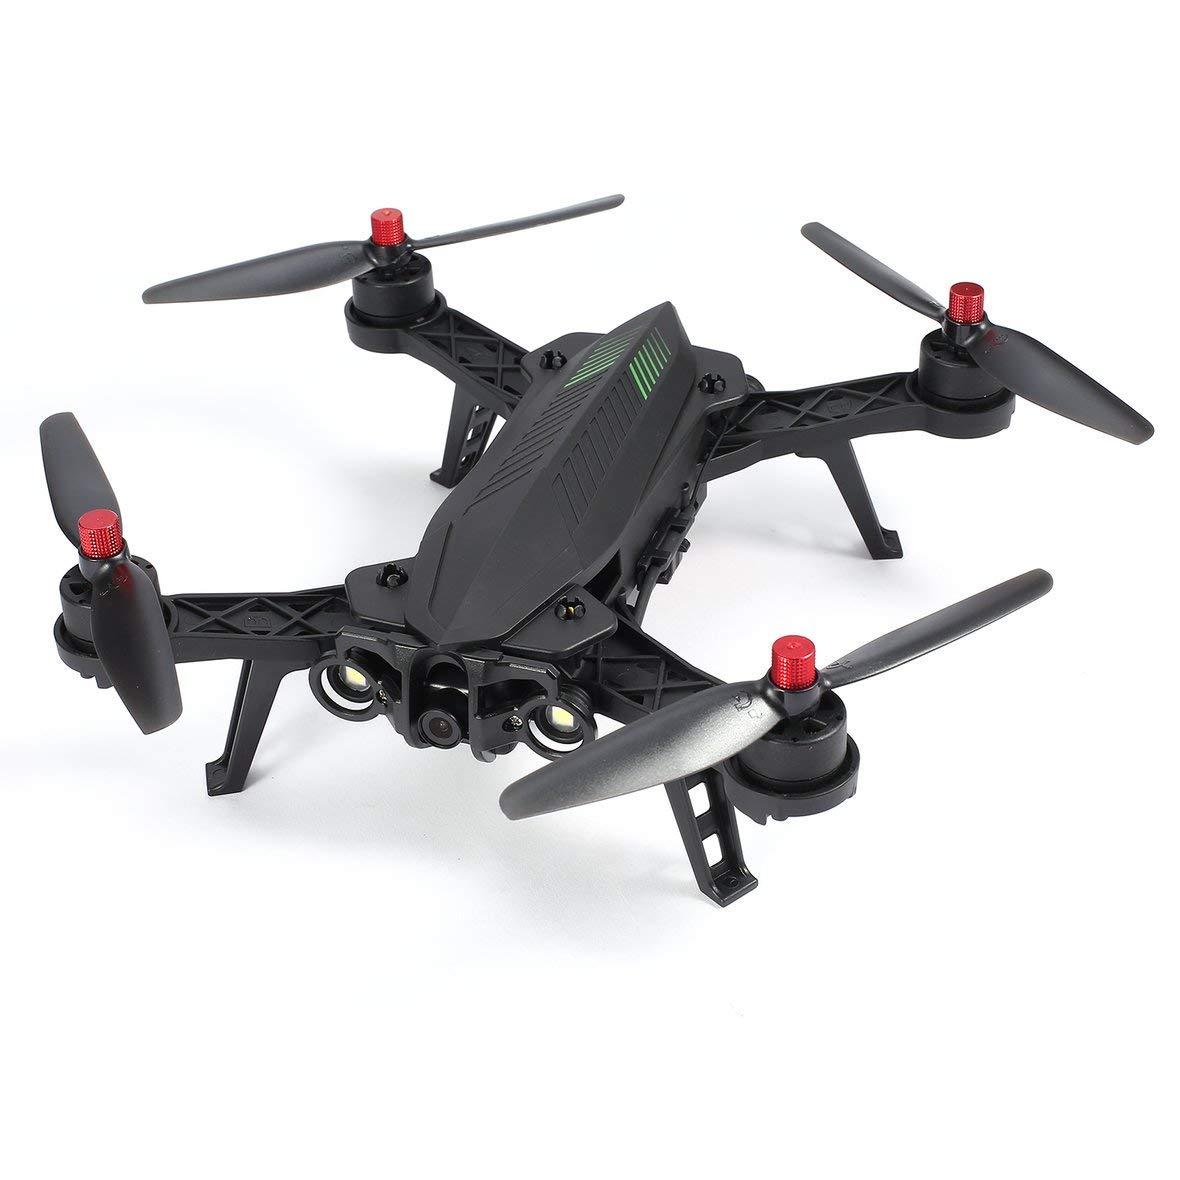 ToGames MJX Bugs GHz 6 B6FD 2,4 GHz Bugs 4CH 6 Achsen Gyro RTF Drohne Mit HD 720 P 5,8G FPV Kamera Und 4,3